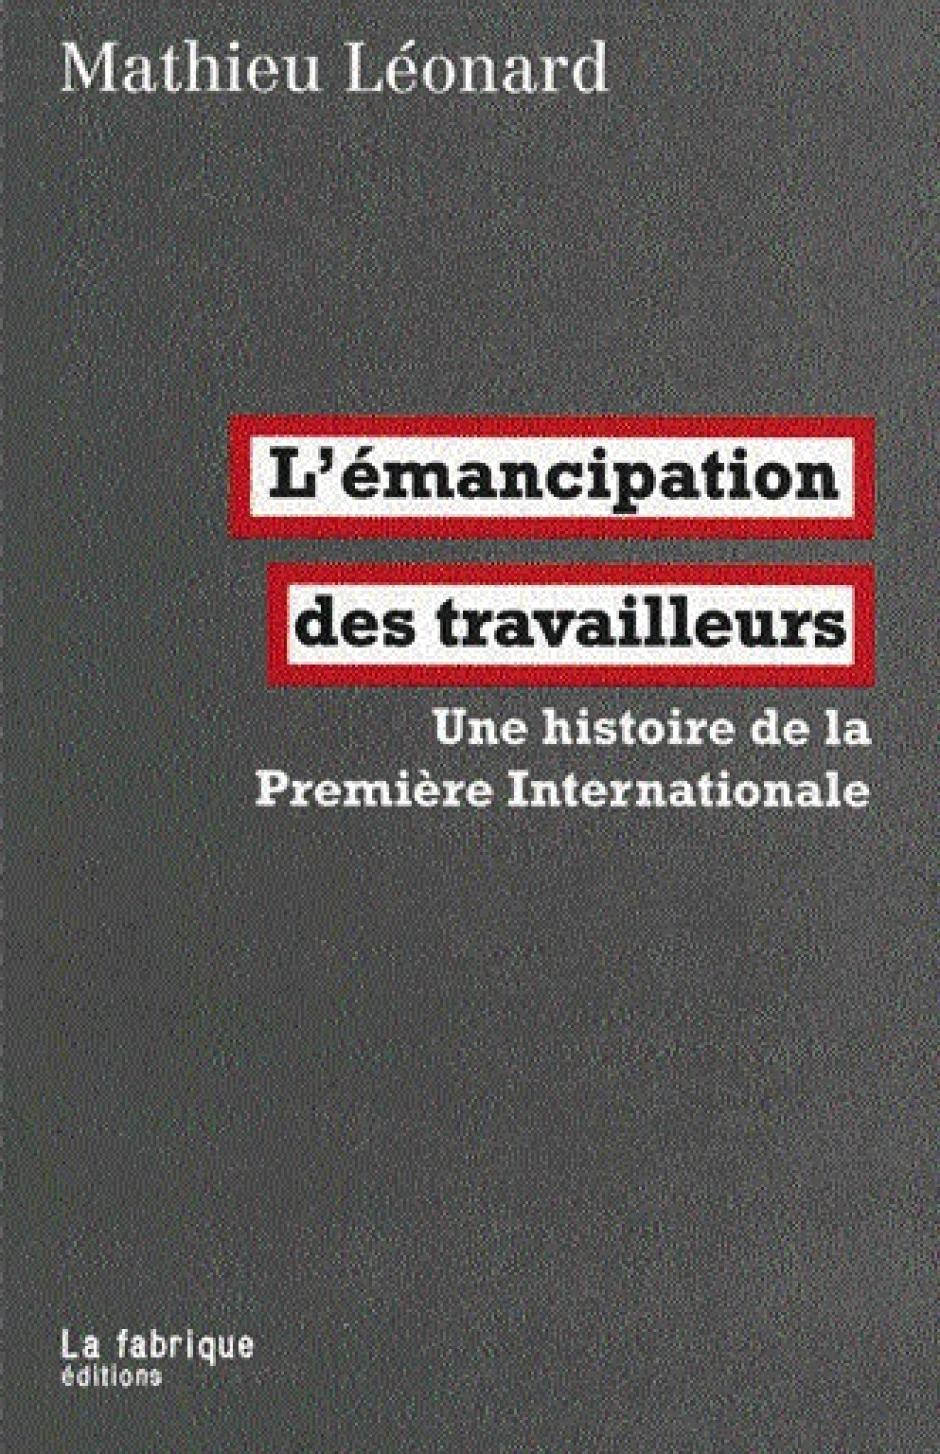 L'émancipation des travailleurs Une histoire de la Première Internationale, Mathieu Léonard